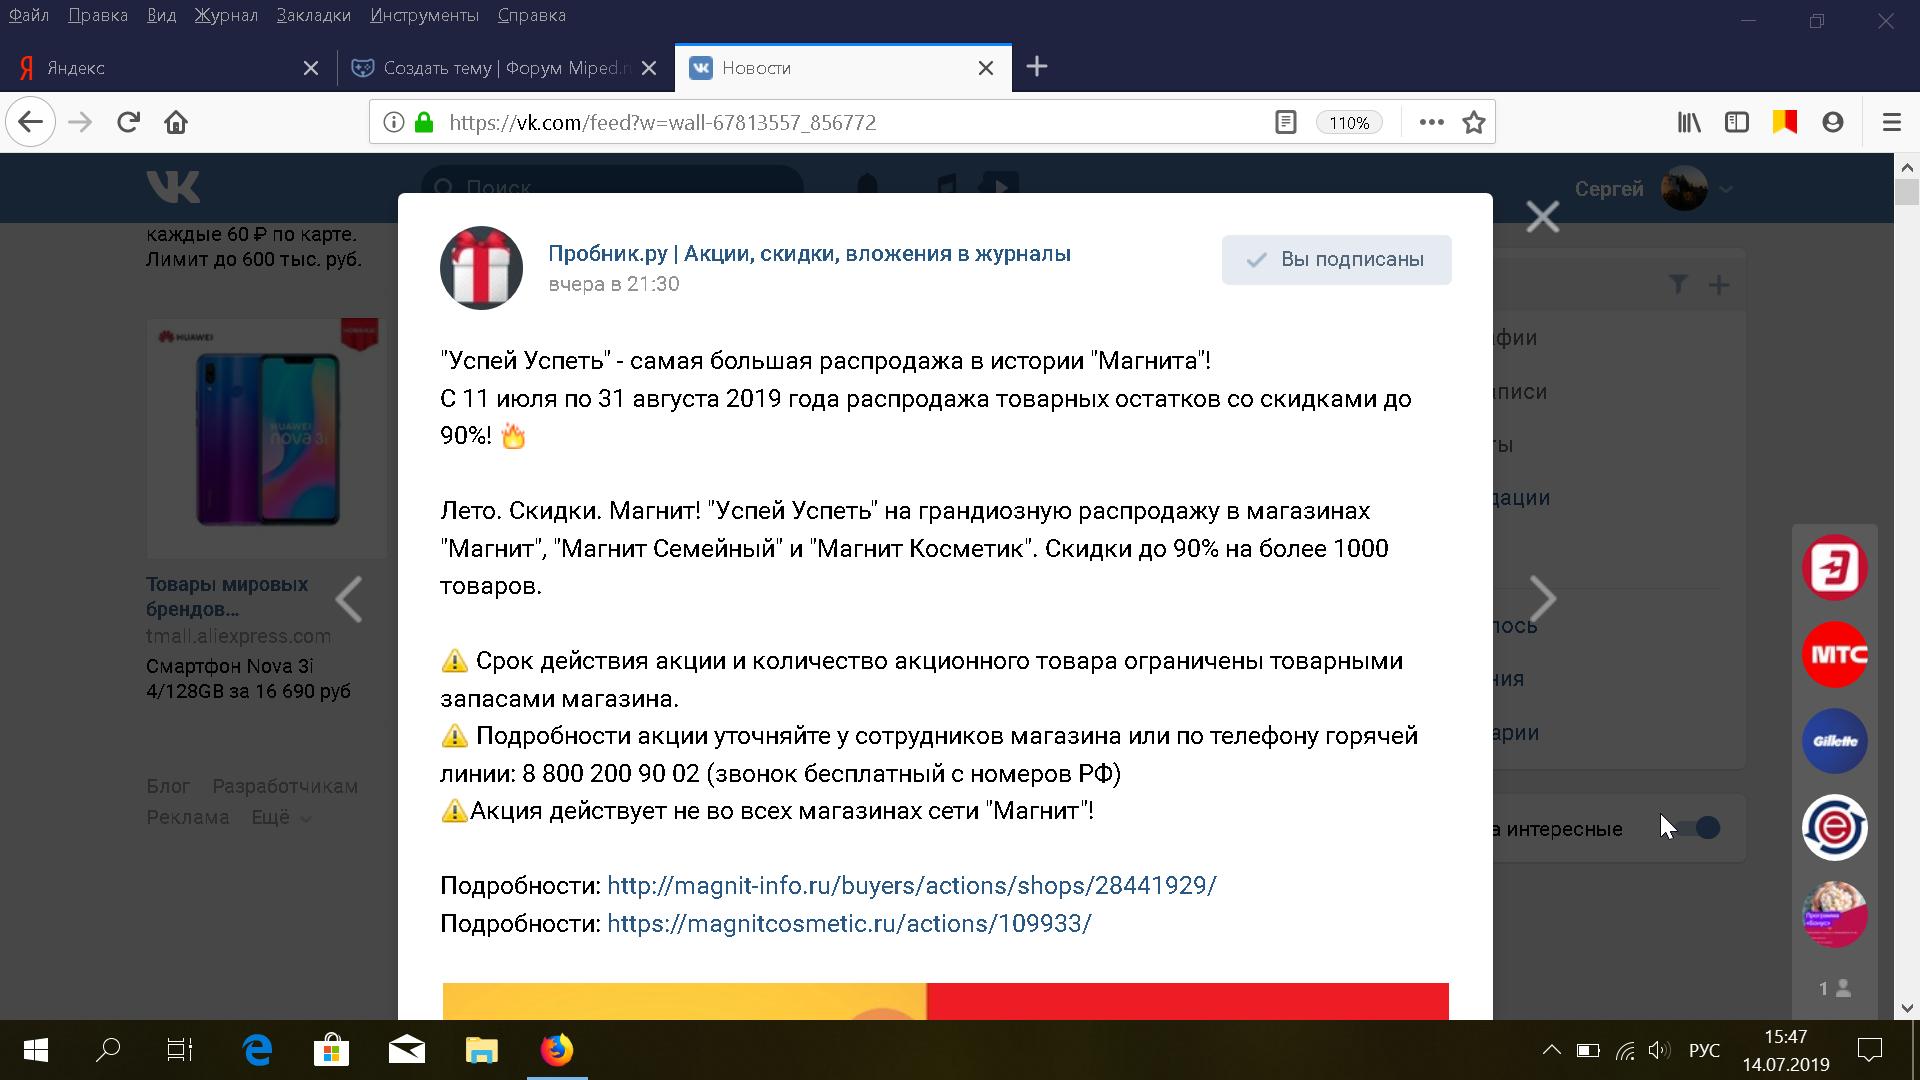 Скриншот 2019-07-14 11_47_22.png